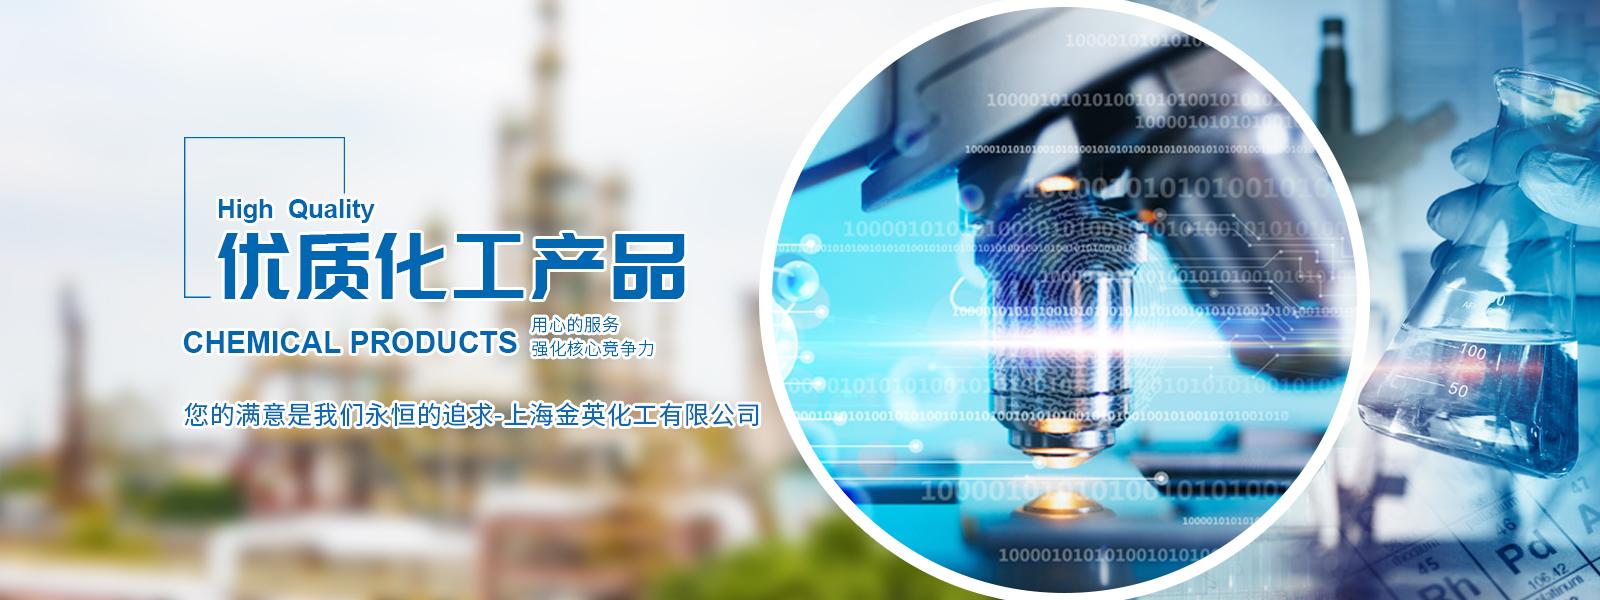 上海金英化工有限公司